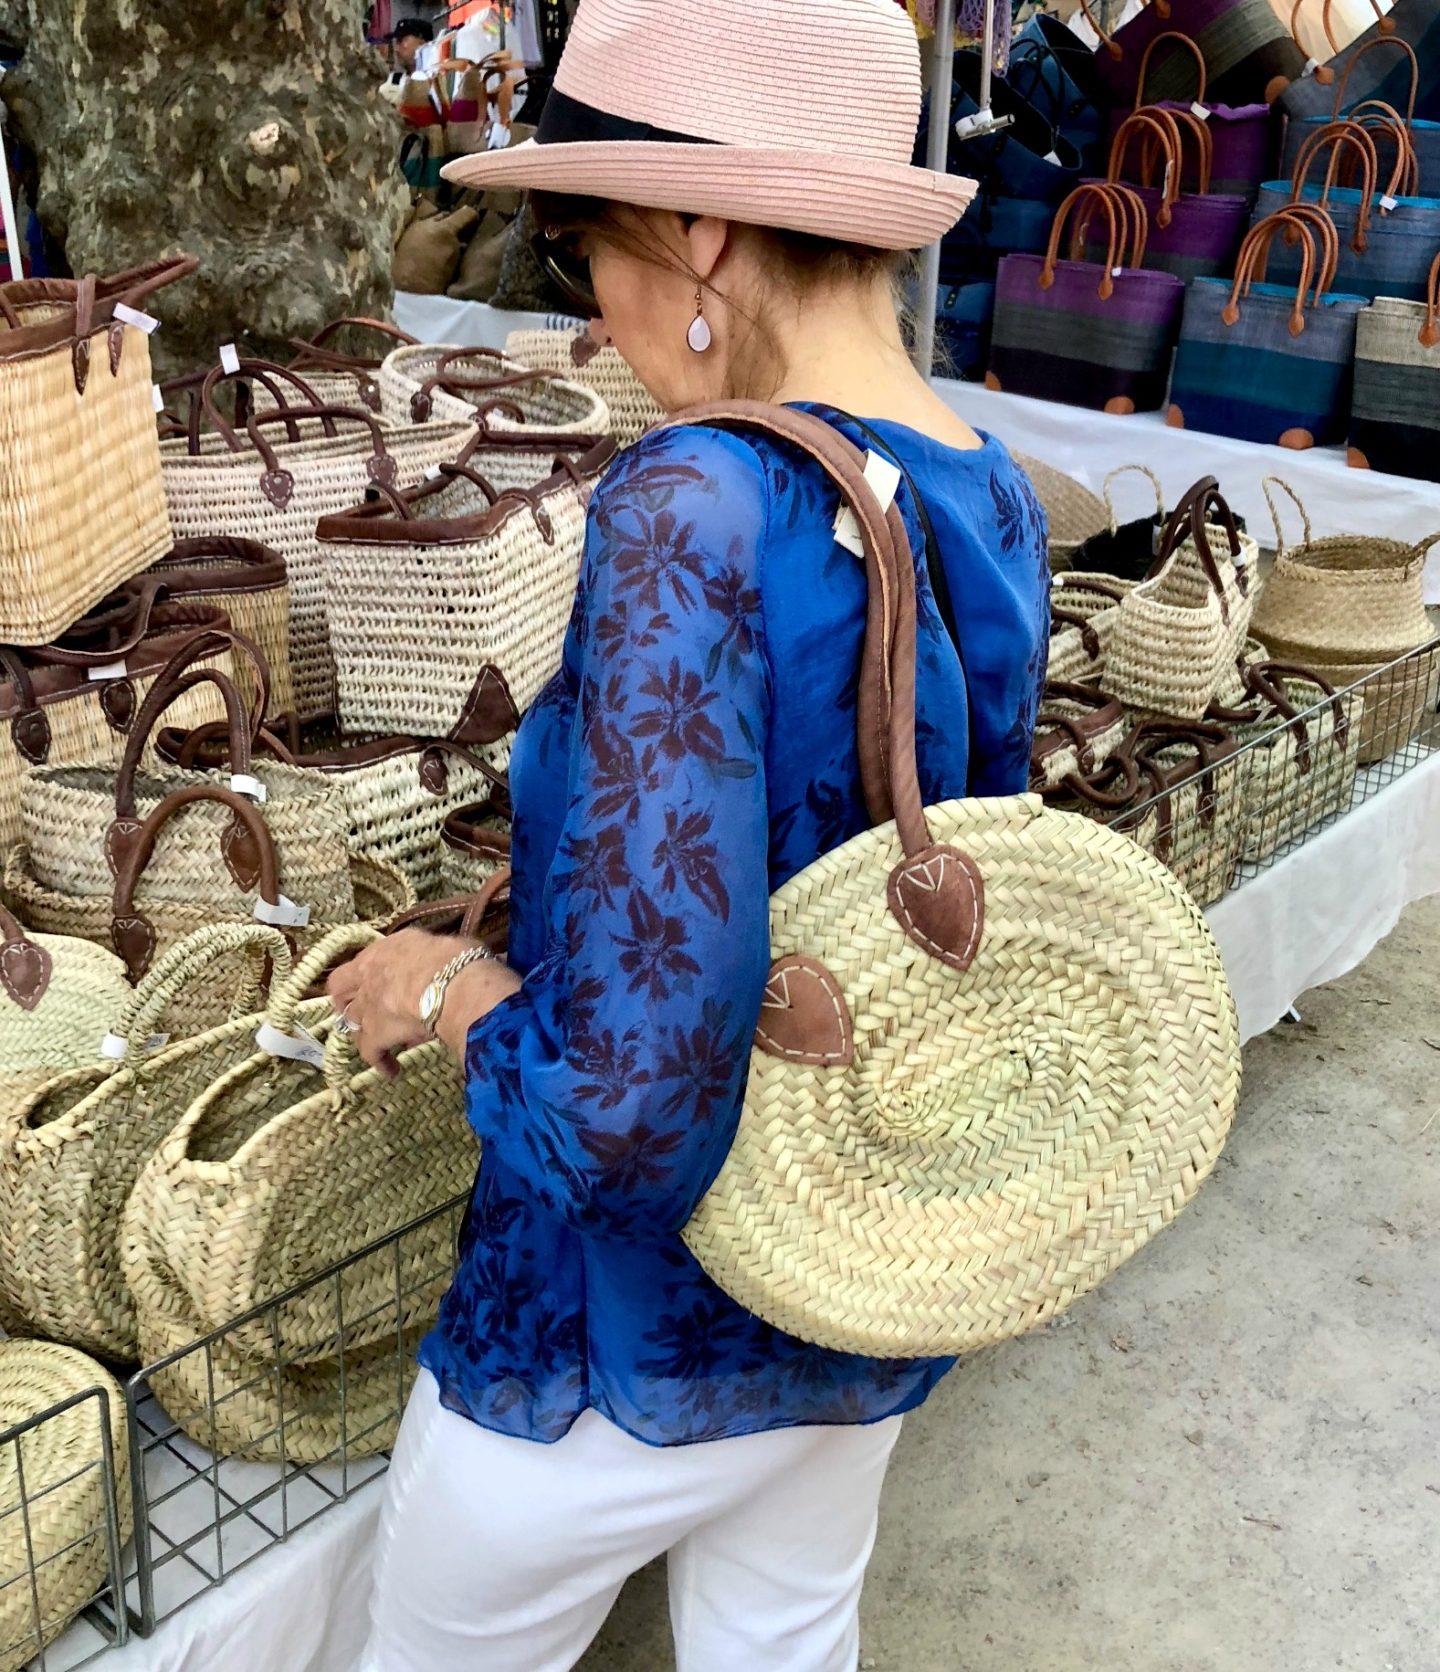 Summer trip to St.Tropez market